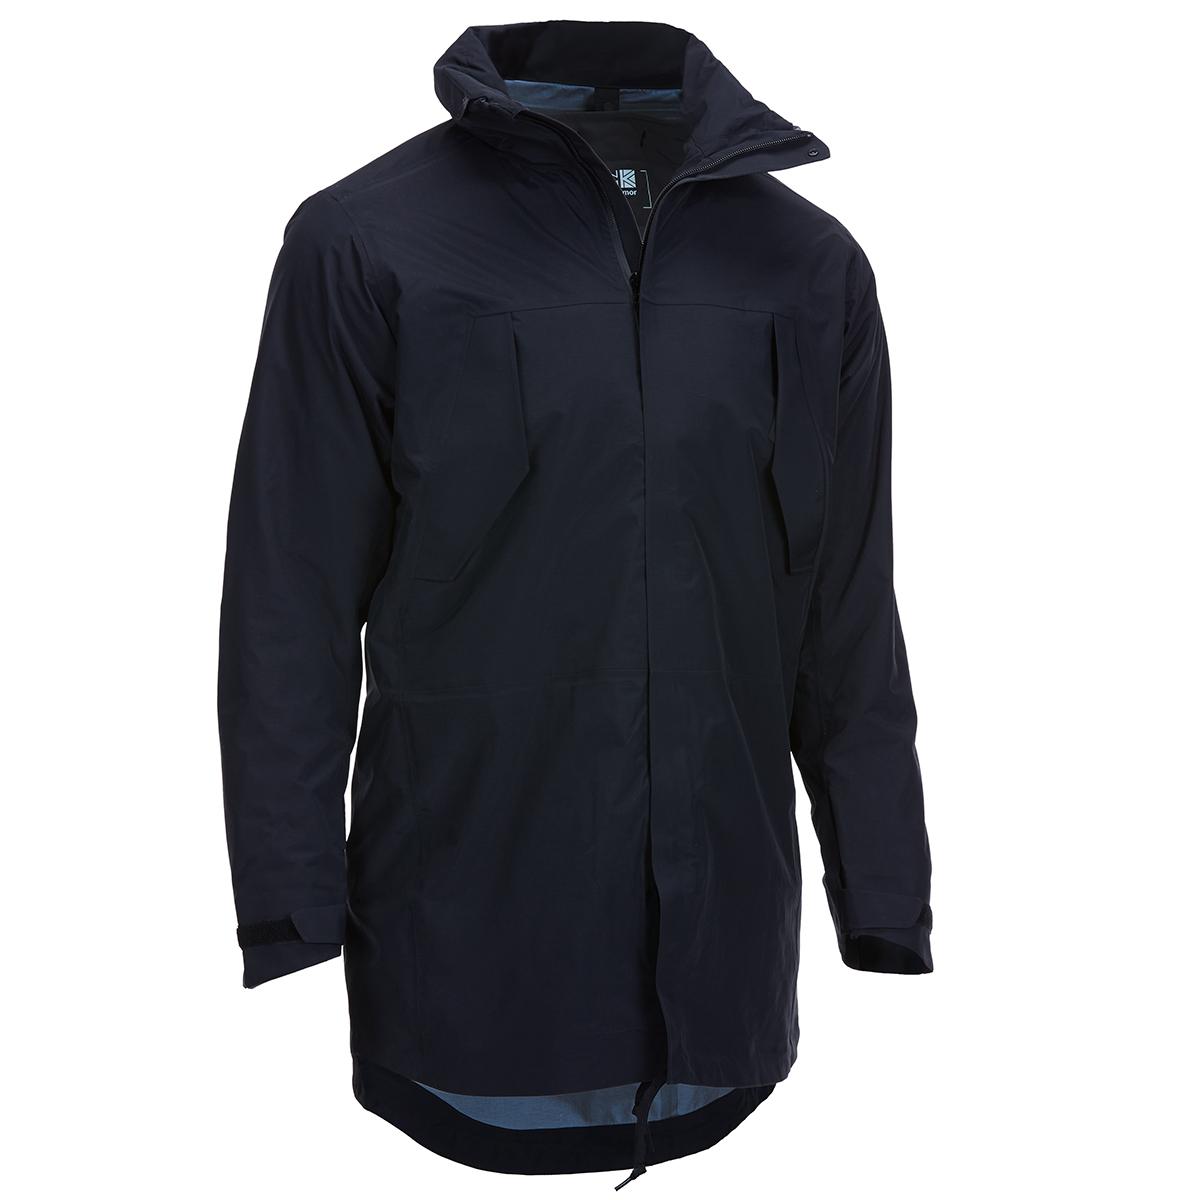 Karrimor Men's Pioneer 3-In-1 Jacket - Black, M